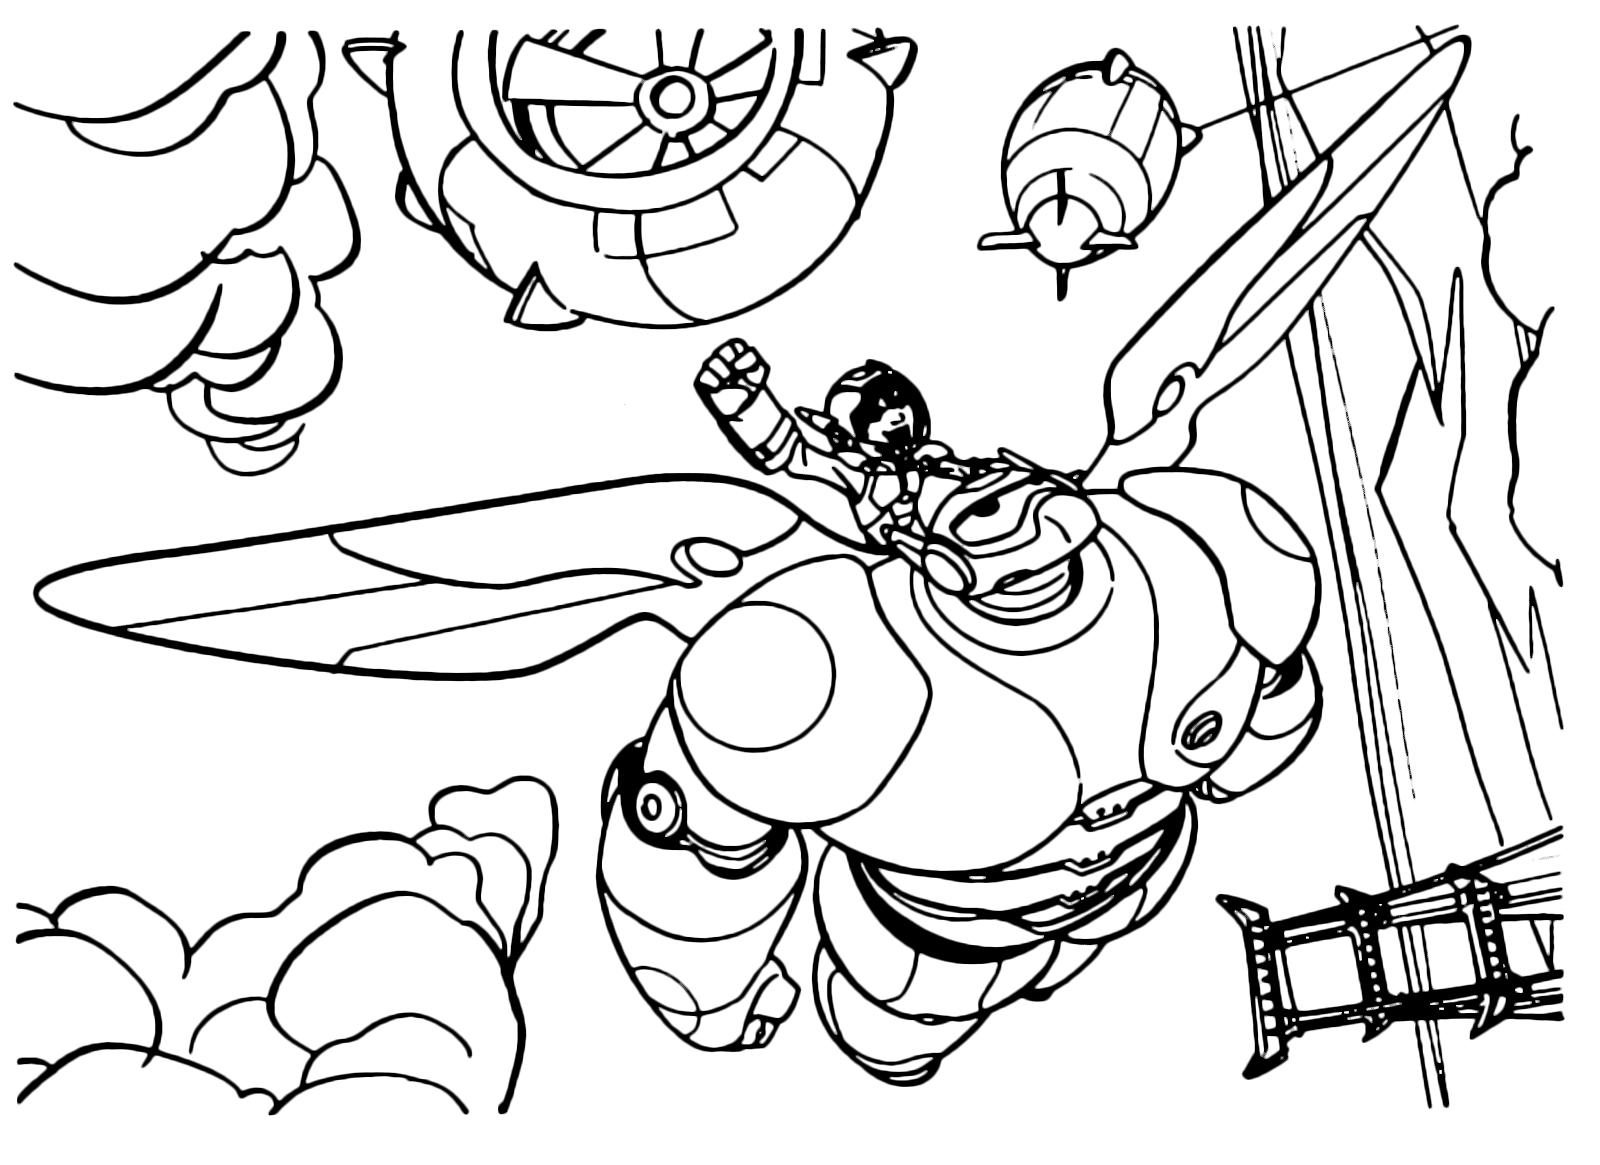 Big Hero 6 Hiro Vola Sulle Spalle Di Baymax